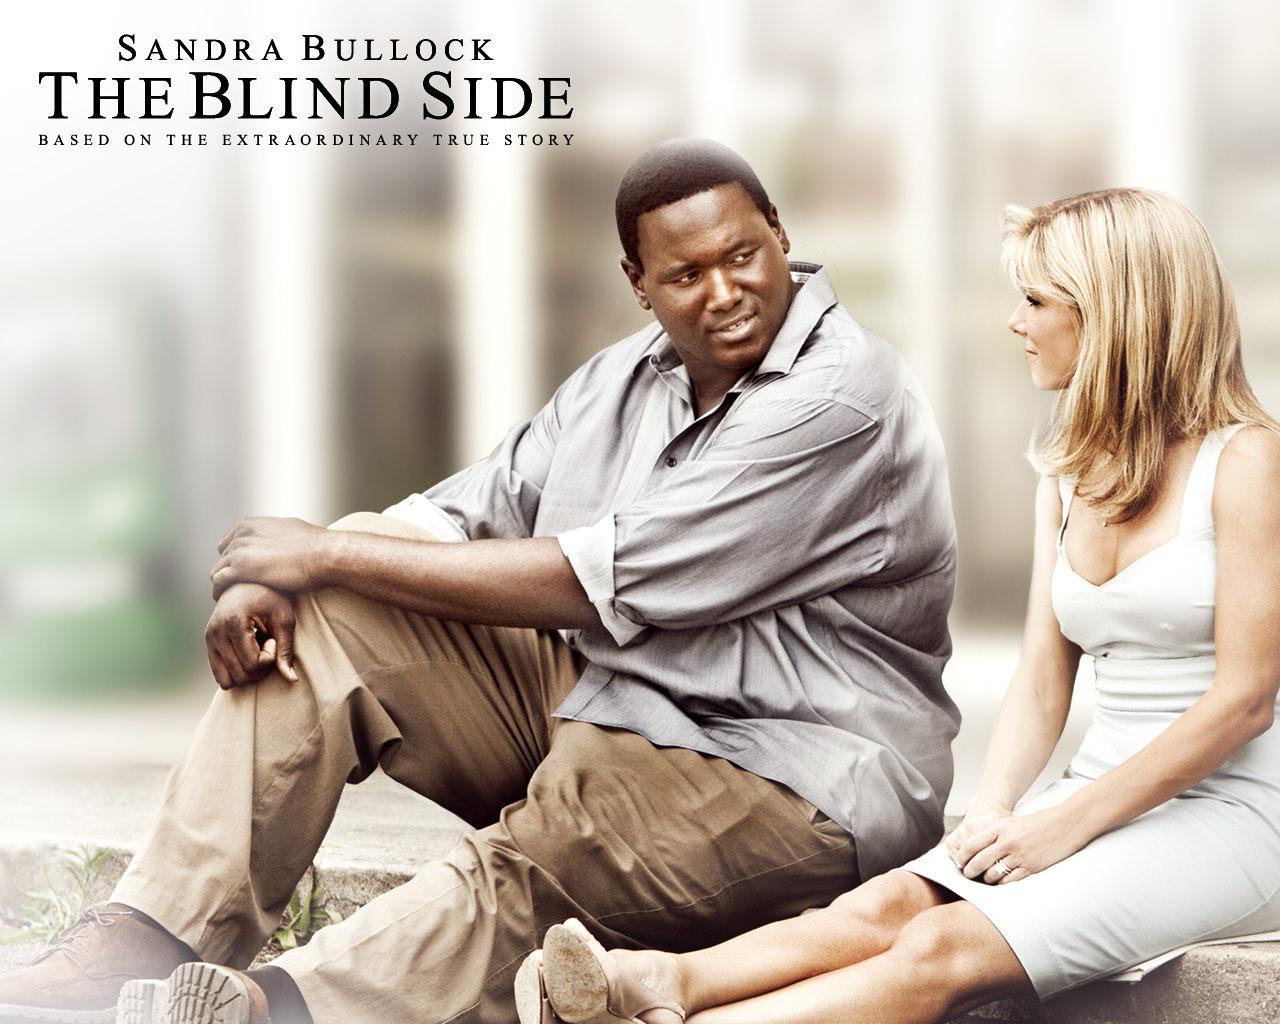 http://1.bp.blogspot.com/_WkR8T3z7QAI/TAmDzwyCVRI/AAAAAAAAAG8/Vt6PguviEAg/s1600/The-Blind-Side3.jpg